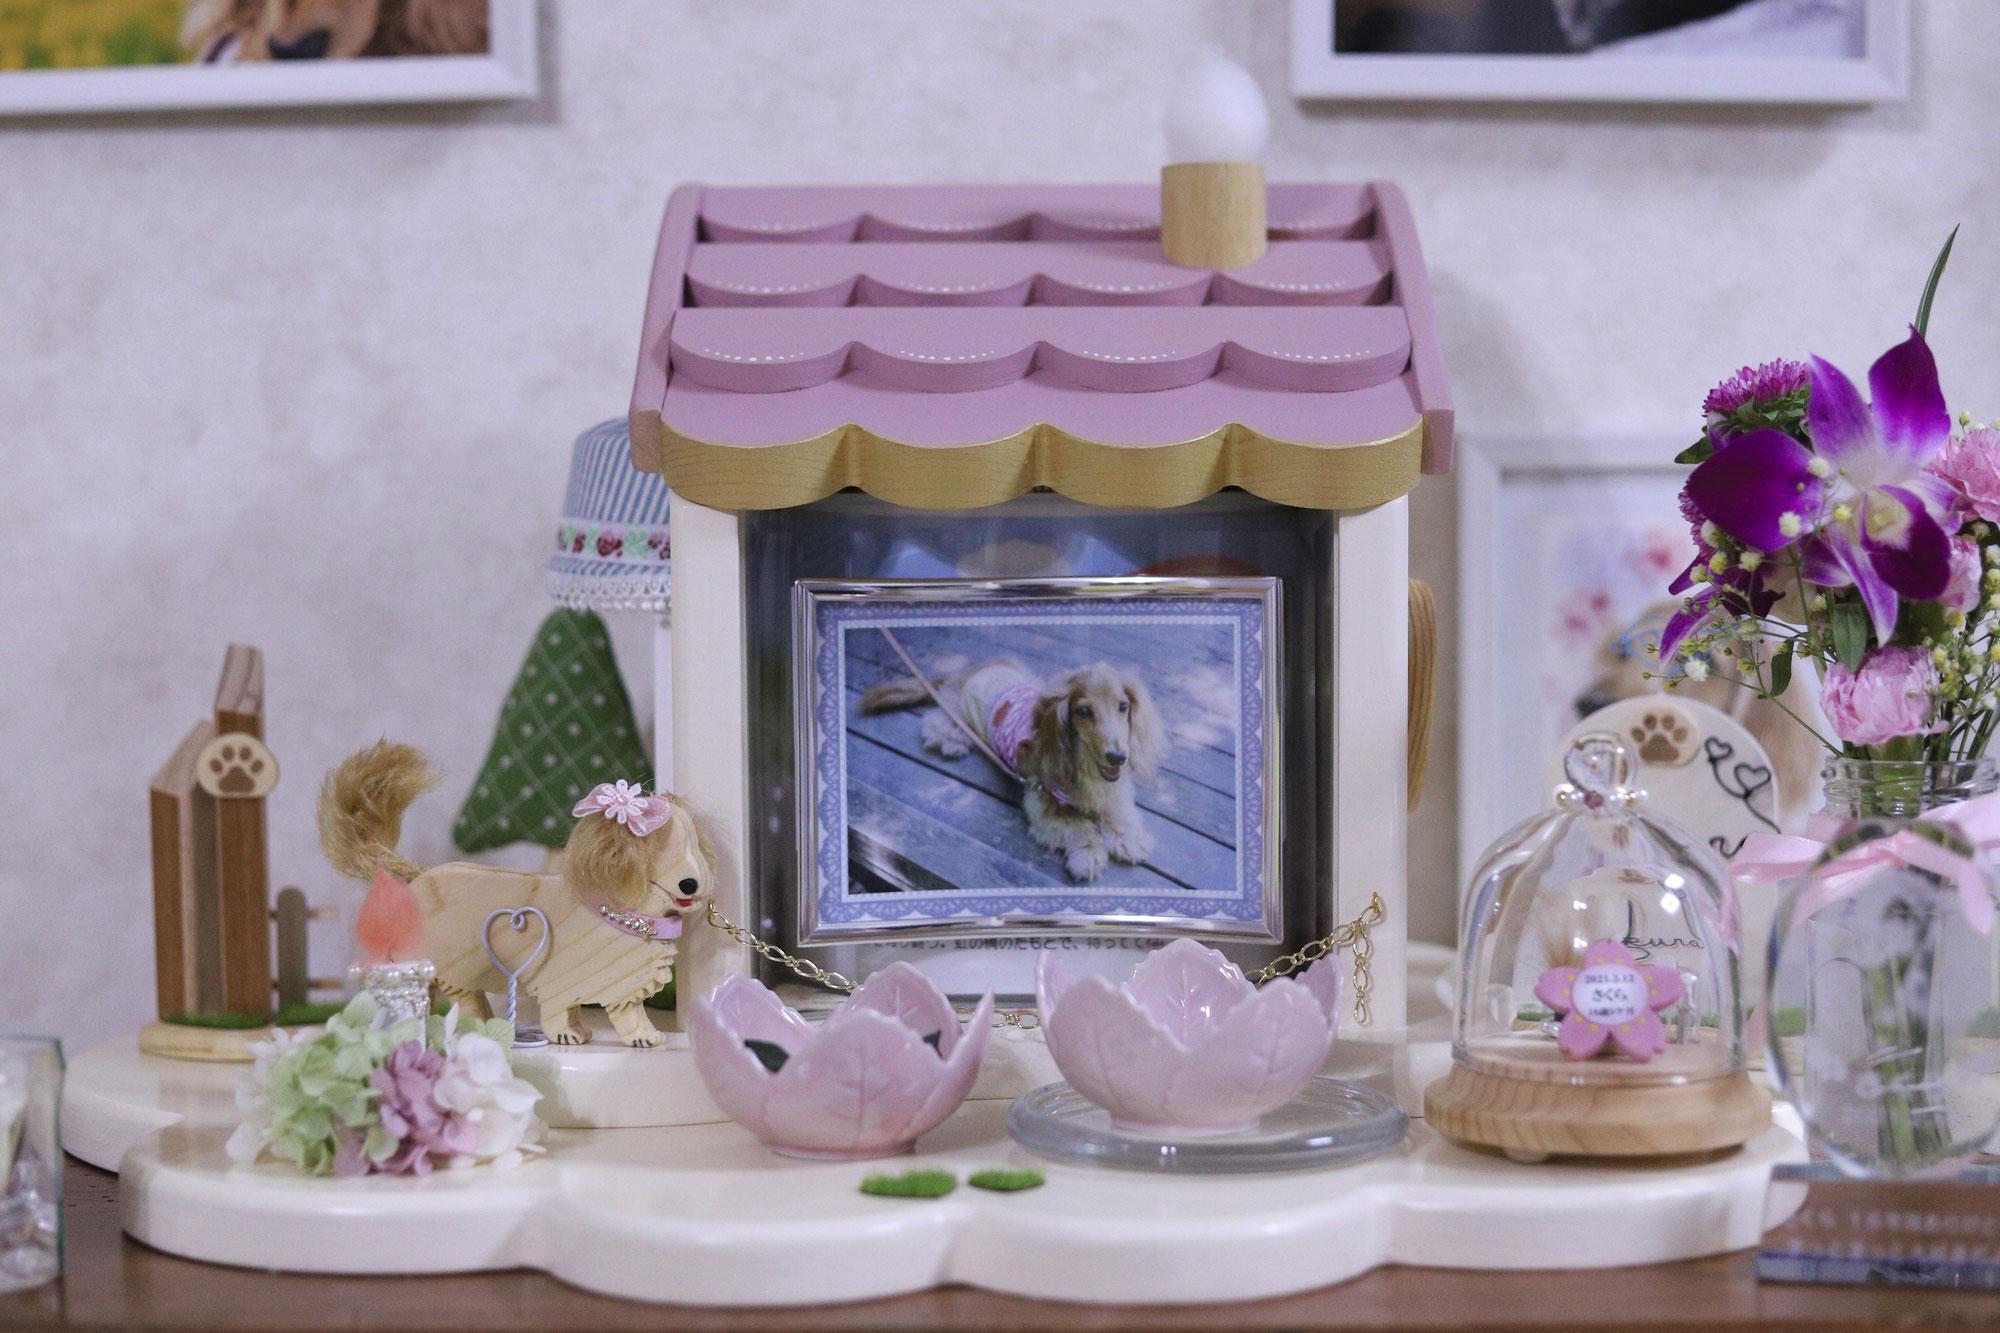 ピンクのイメージがピッタリなさくらちゃんのお家が完成しました